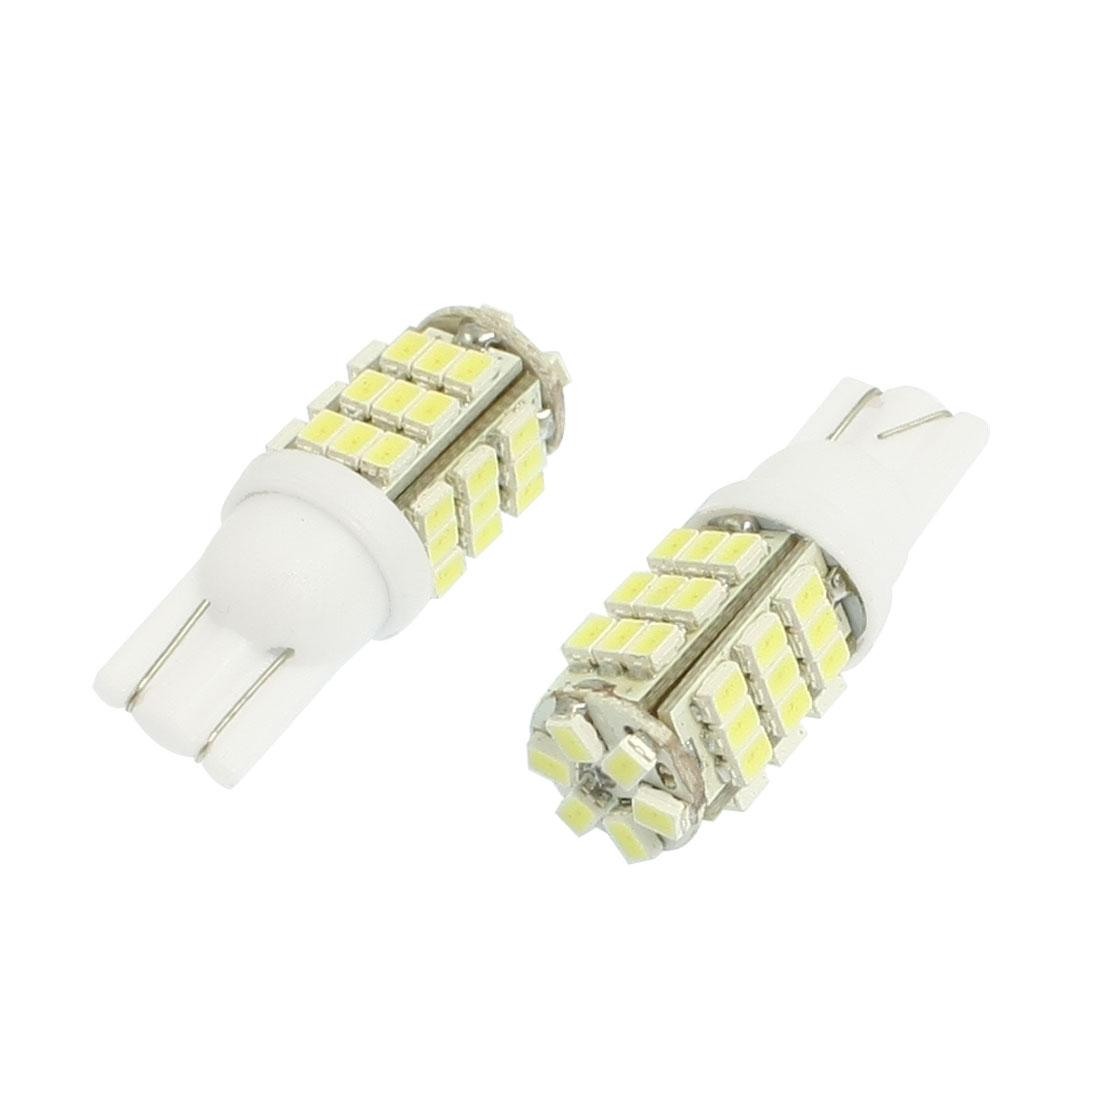 2 Pcs Car T10 194 168 White 1206 SMD 42 LED Tail Turning Light Bulb Lamp